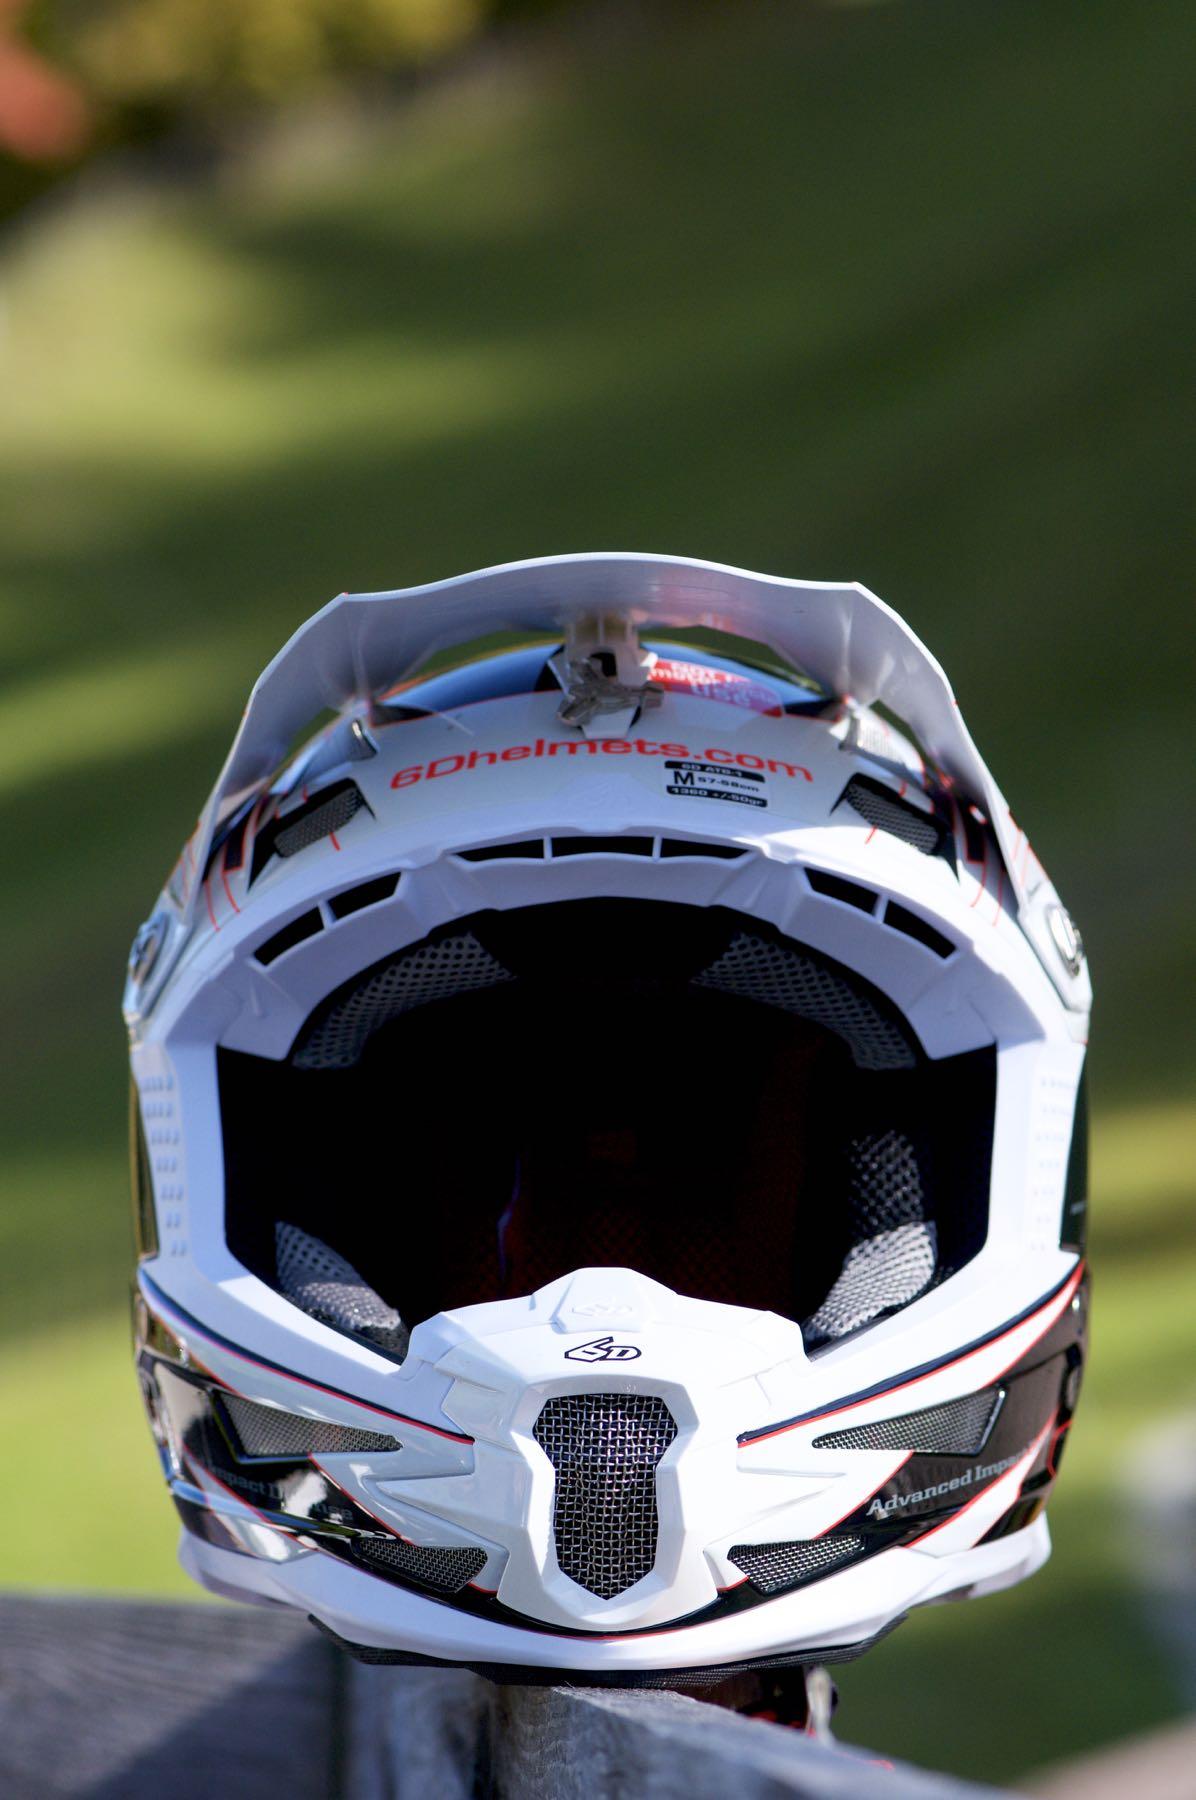 6d helm atb-1 2015 ods